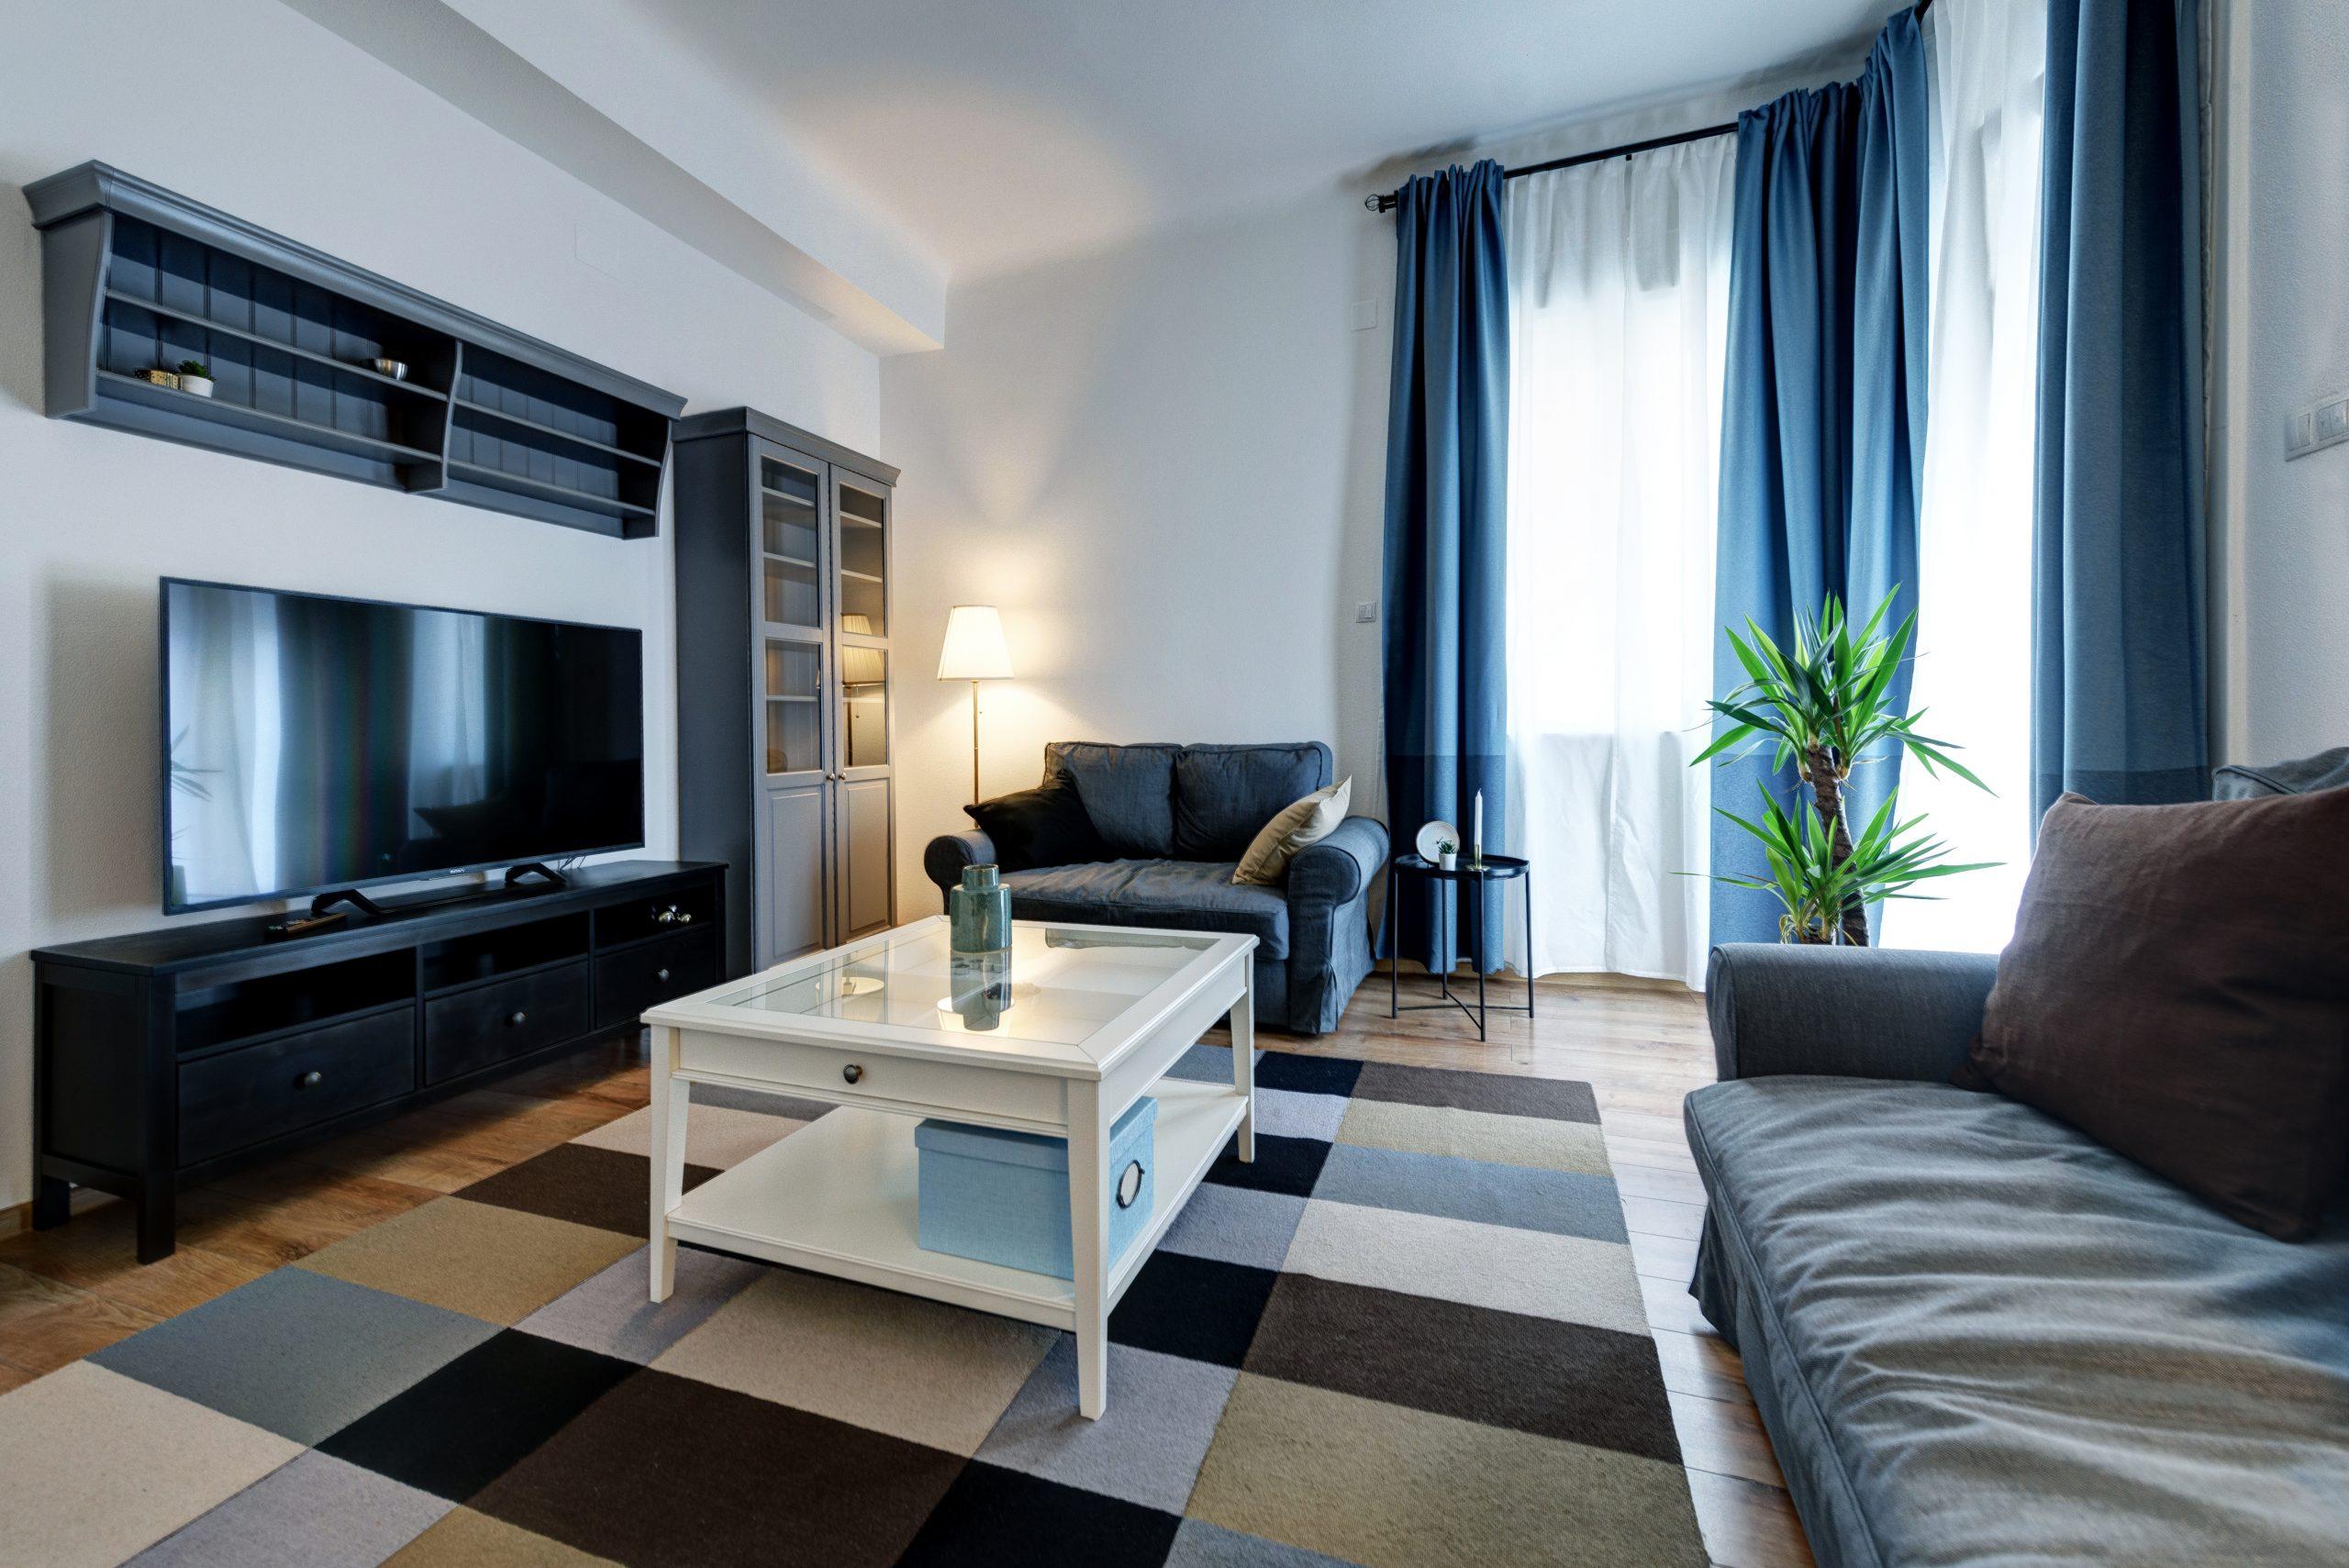 apartament Cluj produse Ikea sufragerie vedere de ansamblu